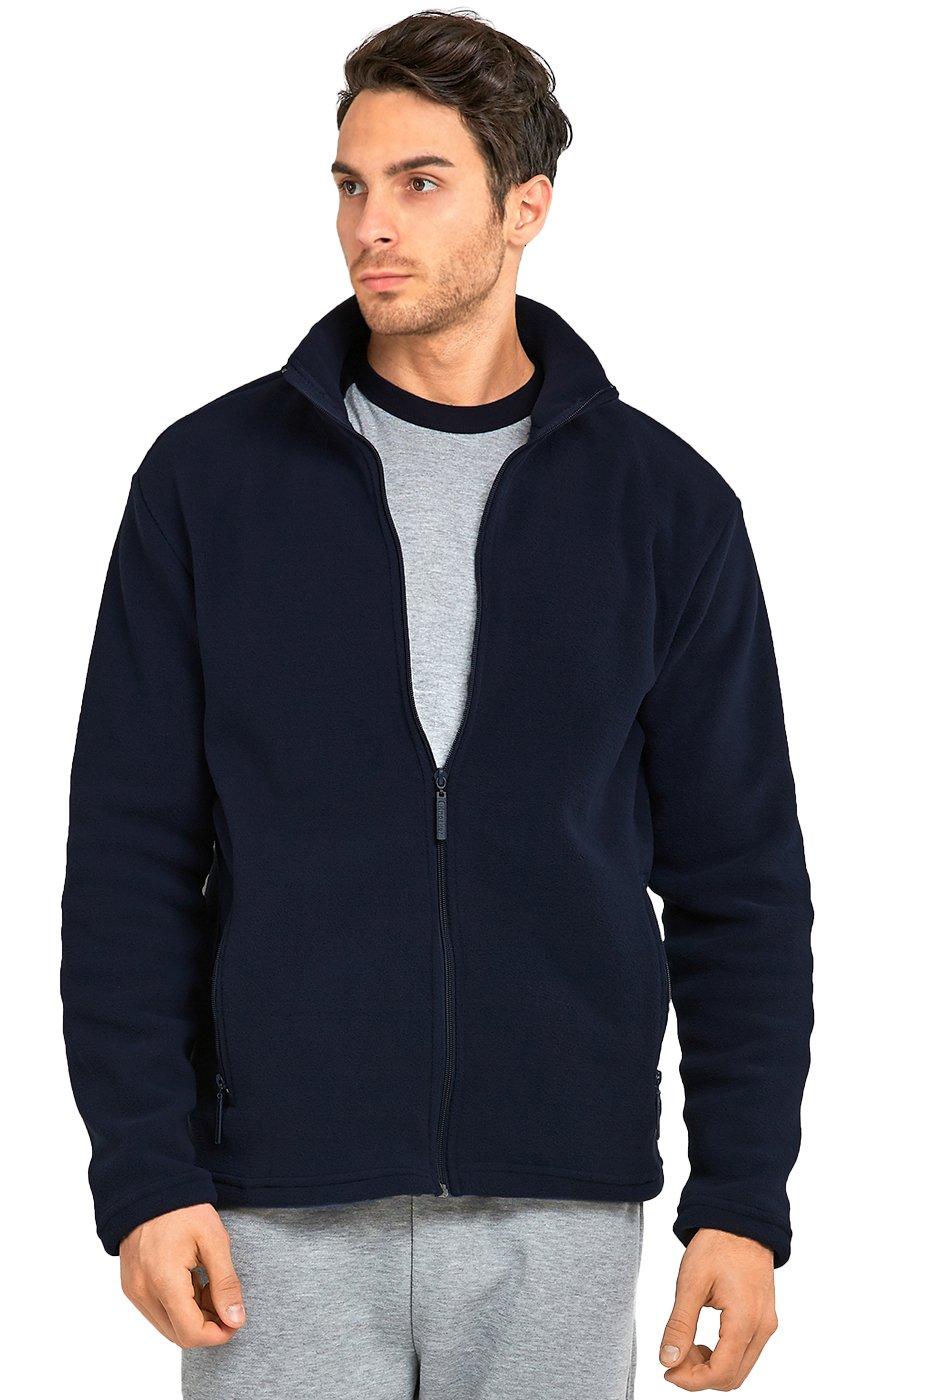 Men's Polar Fleece Zip up Jacket (M, Navy)